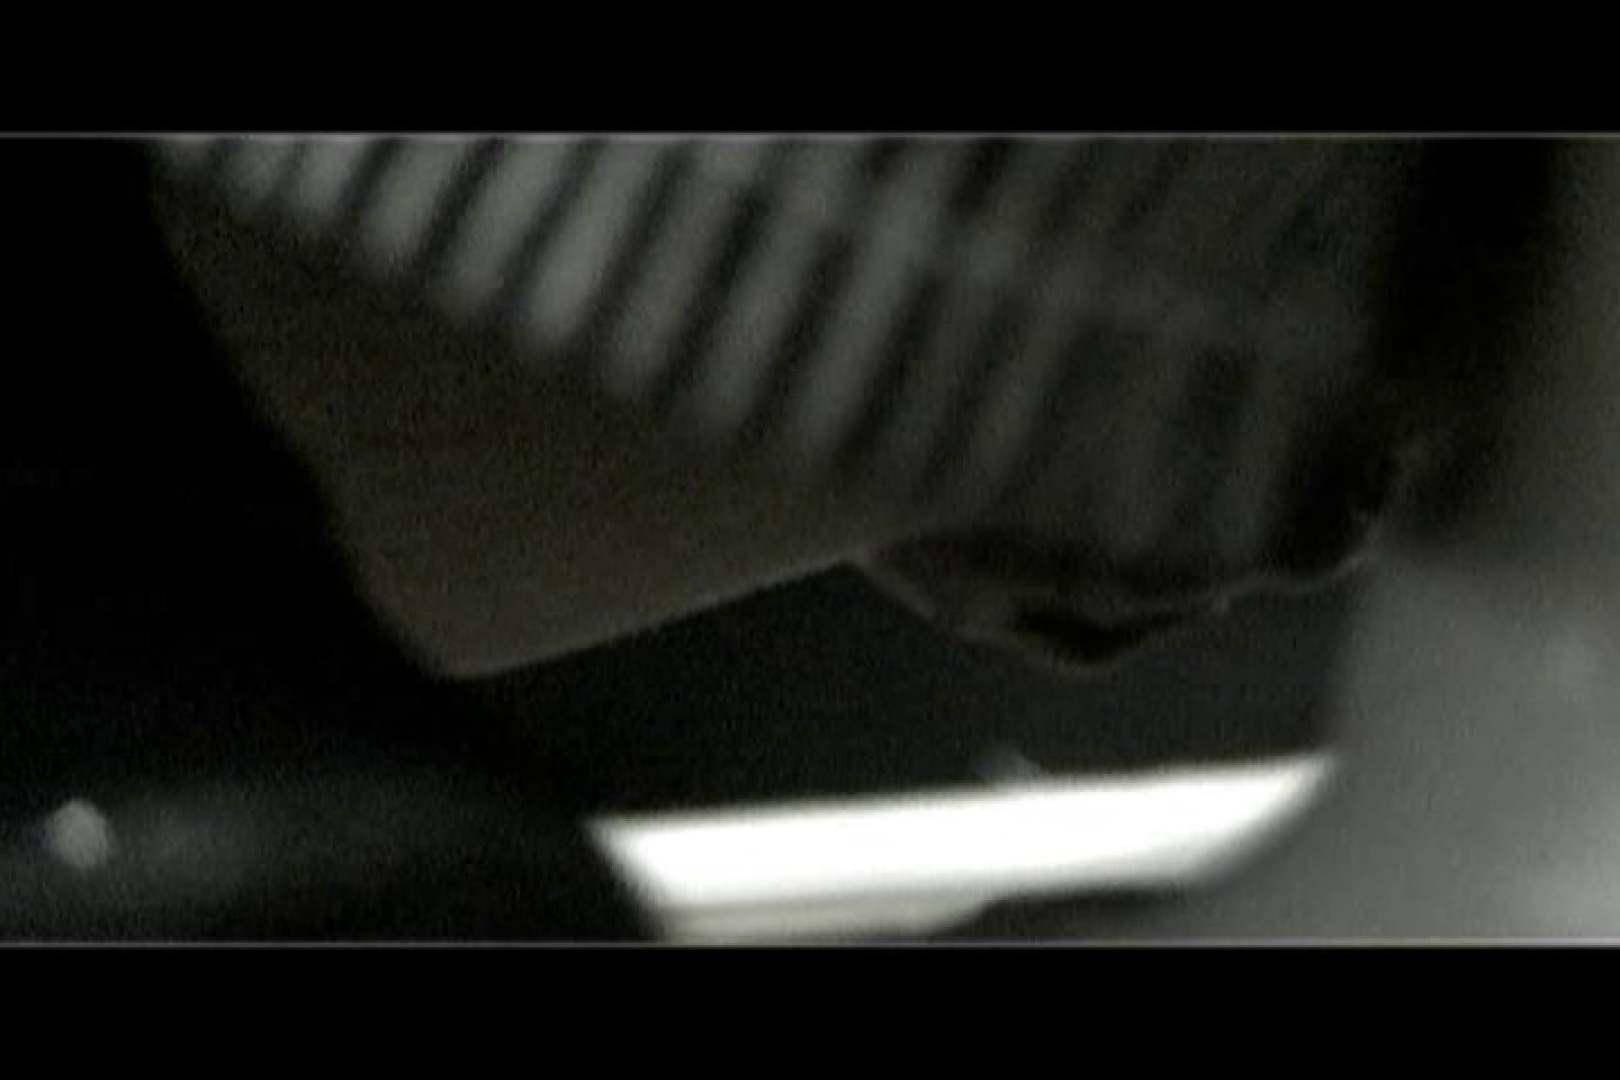 マンコ丸見え女子洗面所Vol.7 排泄隠し撮り オマンコ動画キャプチャ 105pic 63